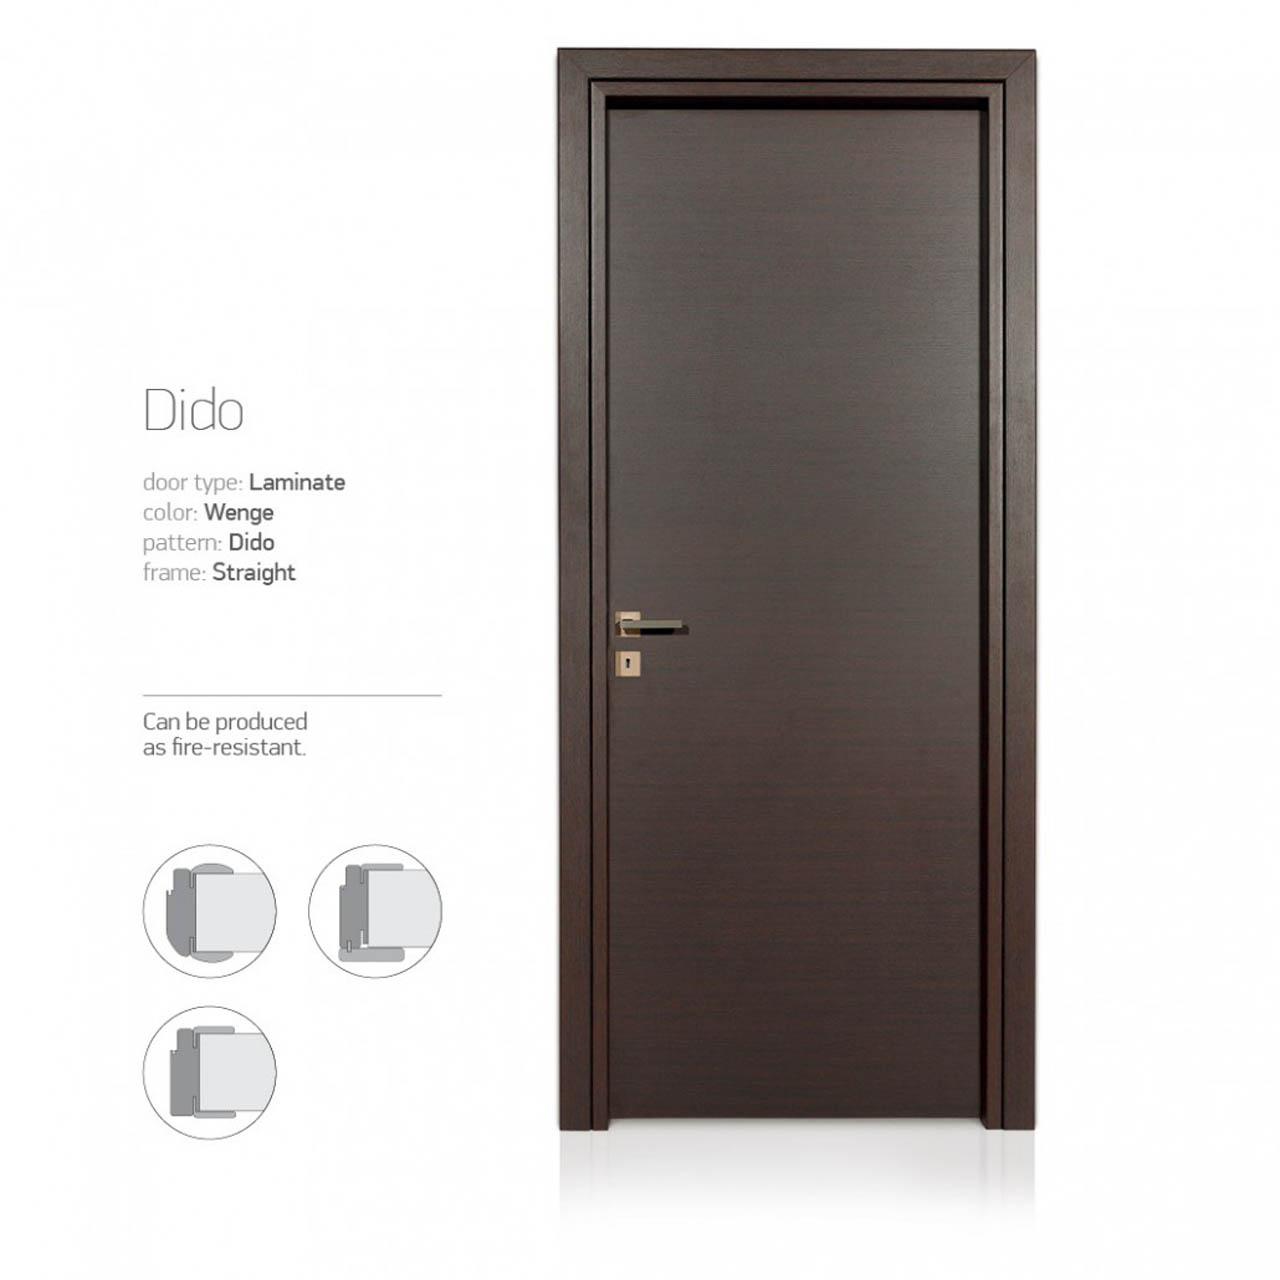 portes-site-laminate-eng14-1030x1030